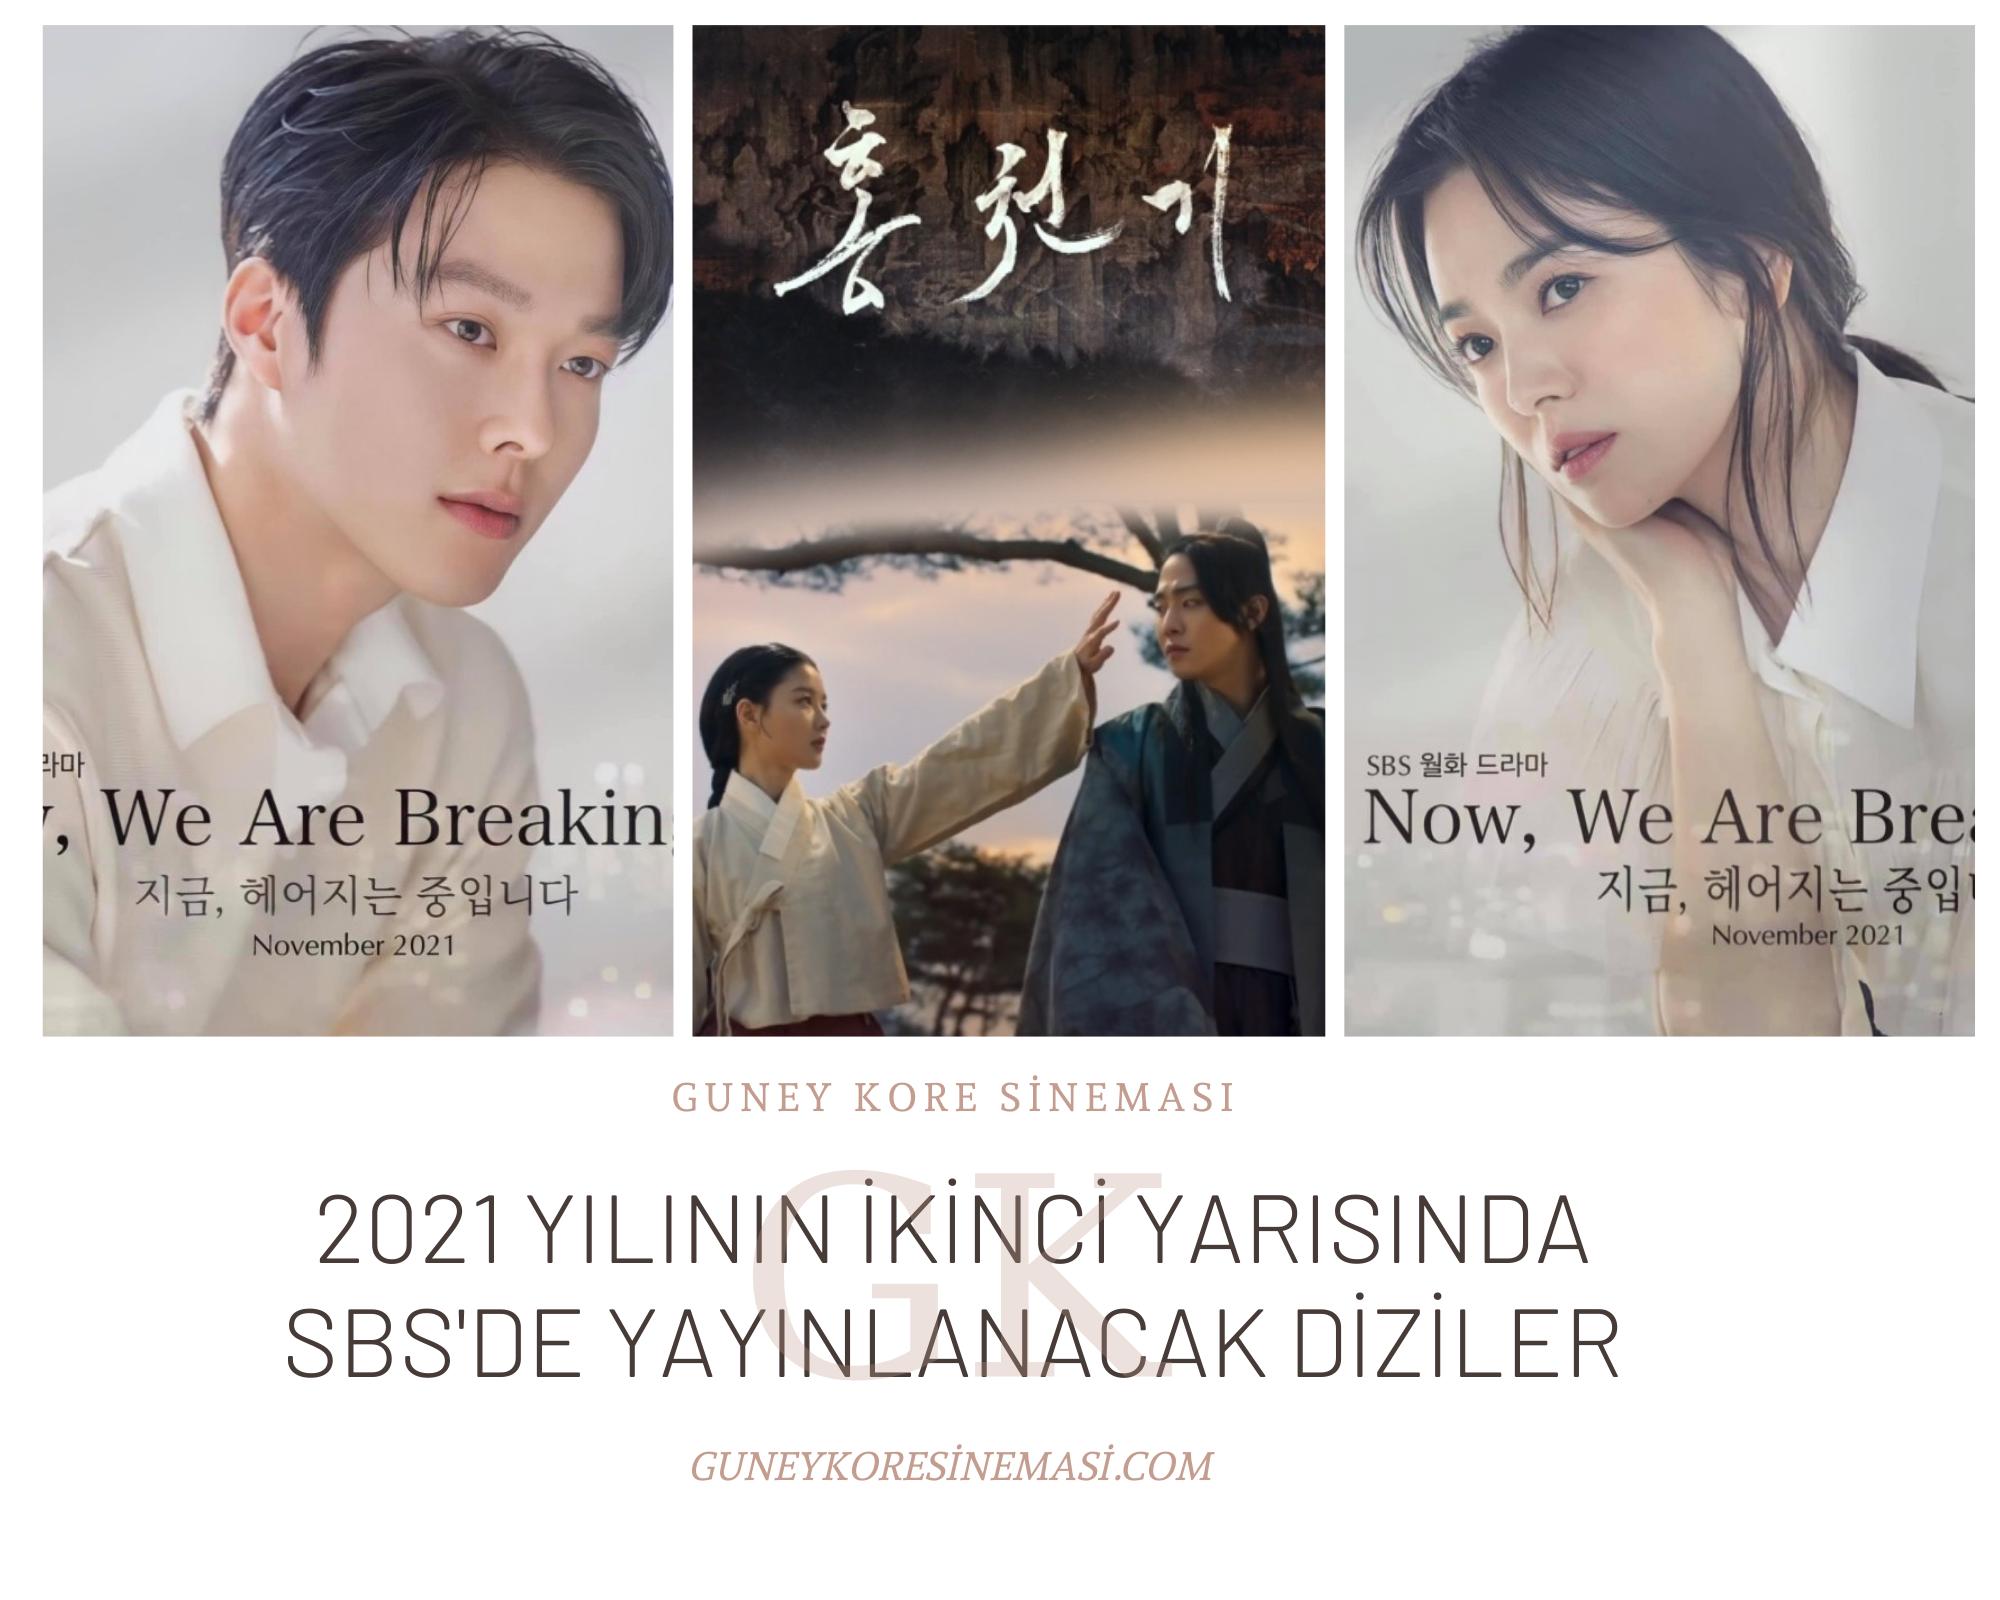 2021 Yılının İkinci Yarısında SBS'de Yayınlanacak Diziler